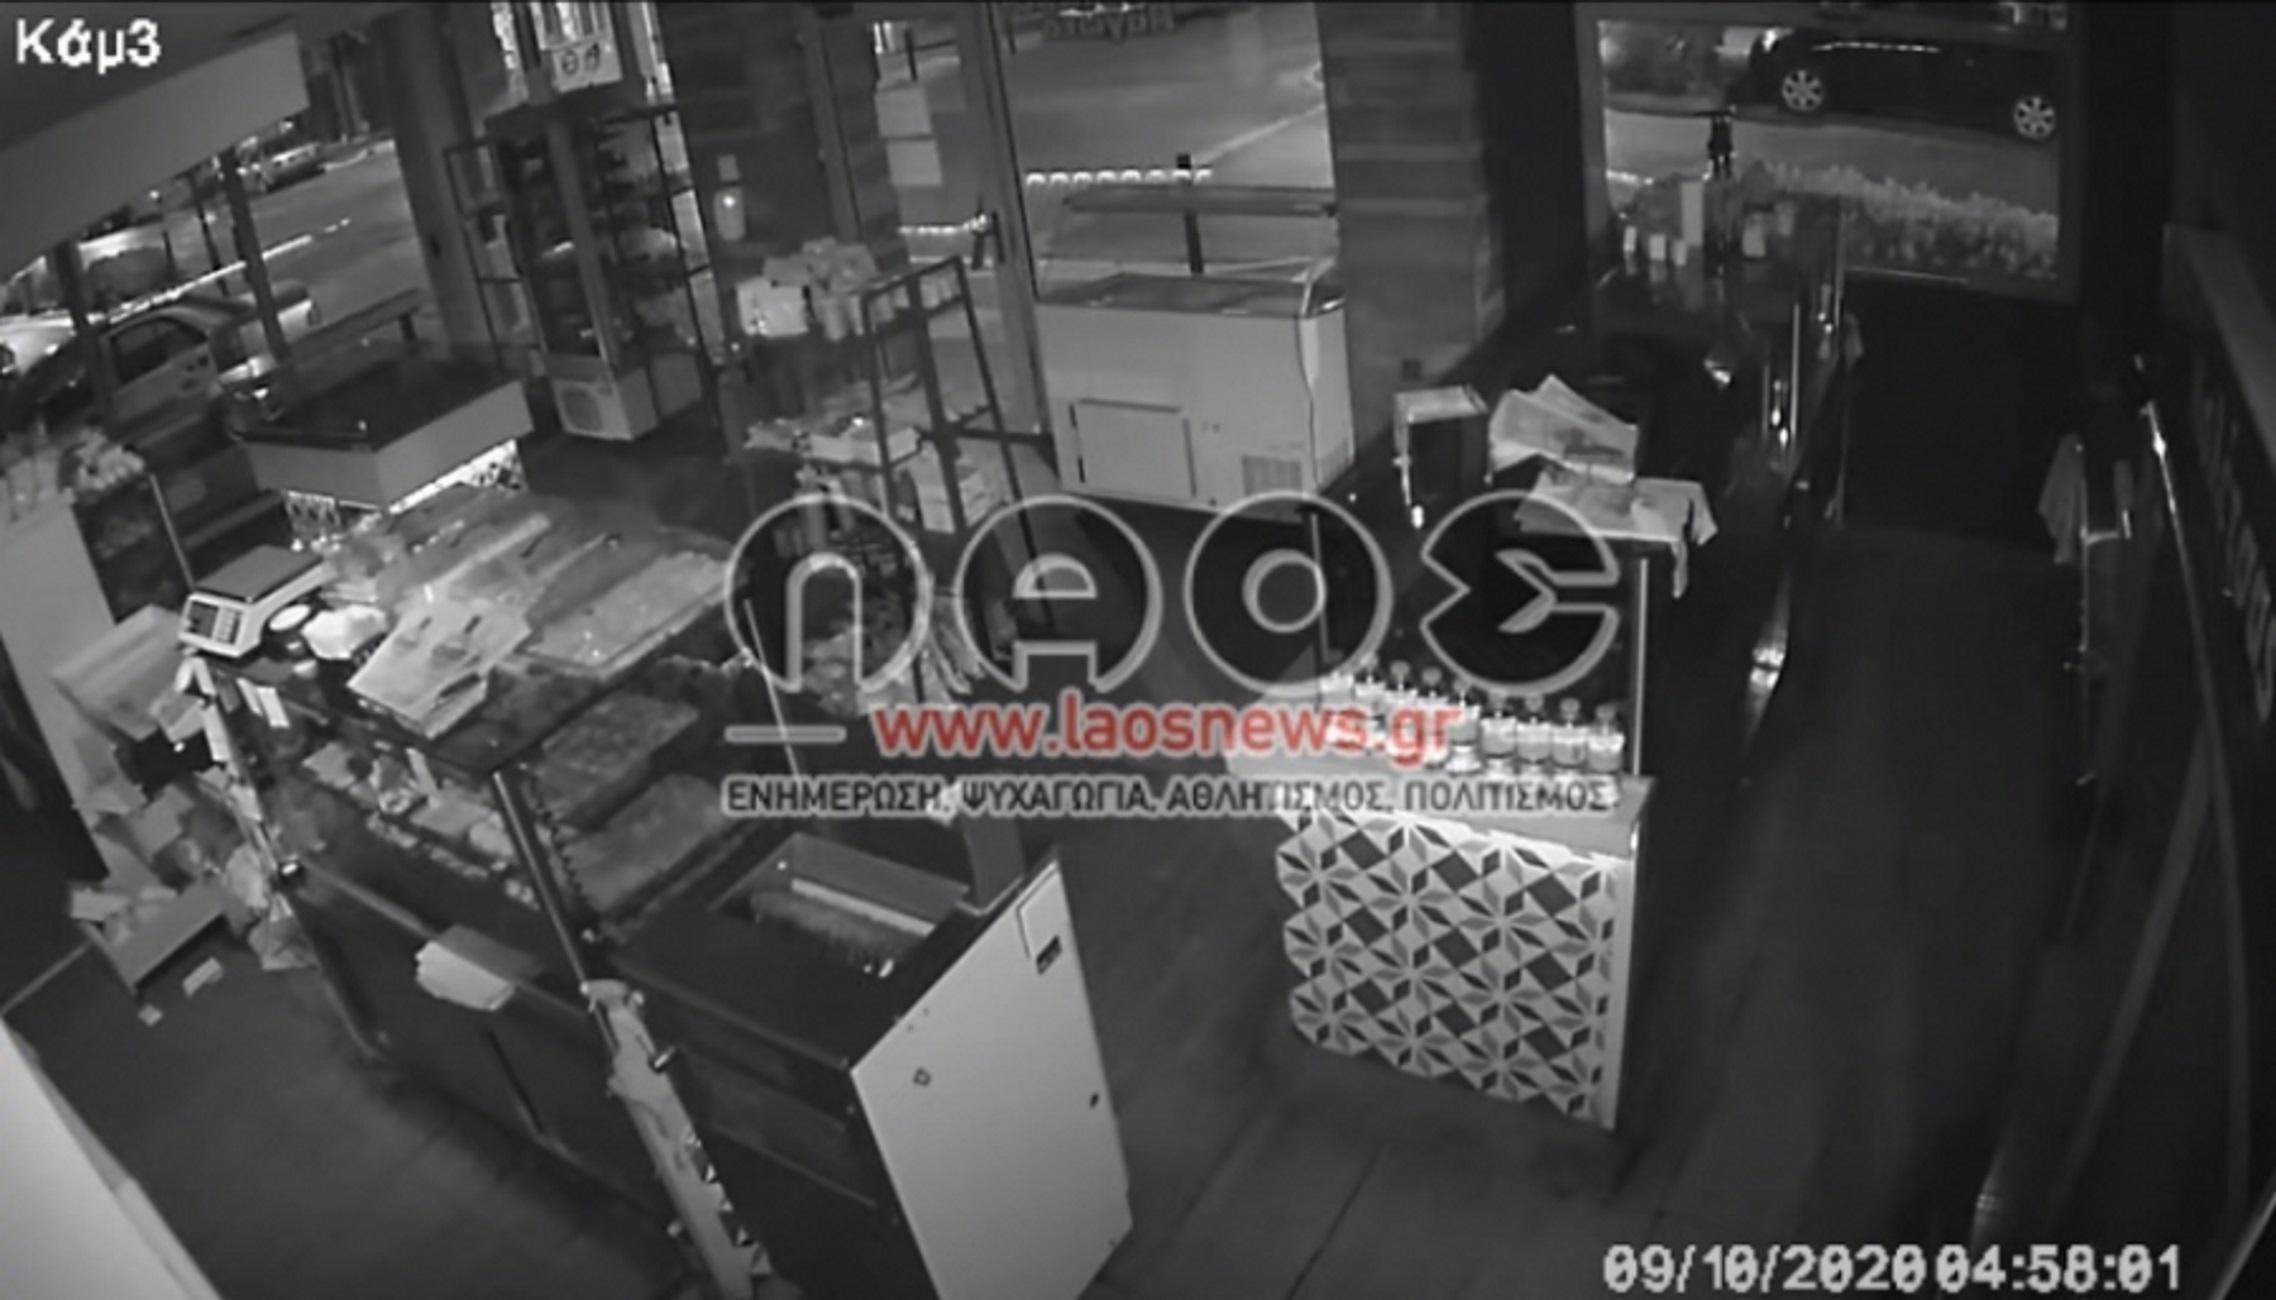 Βέροια: Η διάρρηξη εξπρές δεν ολοκληρώθηκε με τον τρόπο που ήθελαν οι δράστες (Βίντεο ντοκουμέντο)